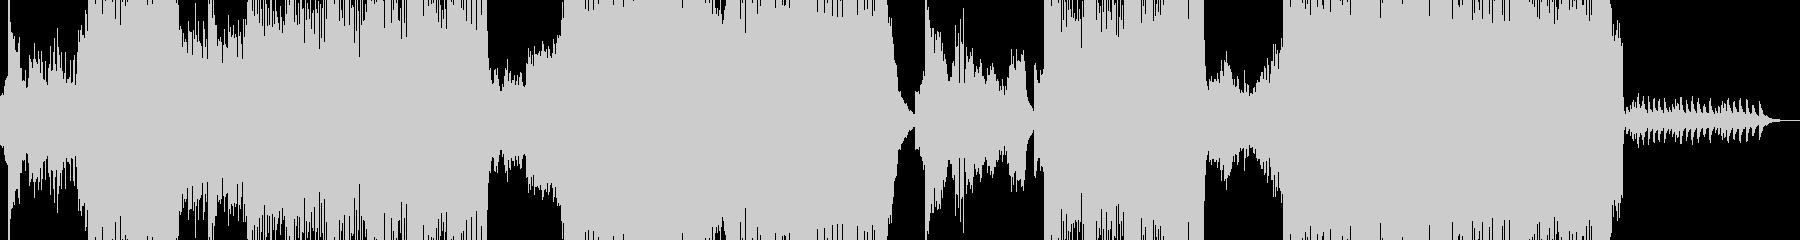 攻撃的なエレキハードコアの未再生の波形